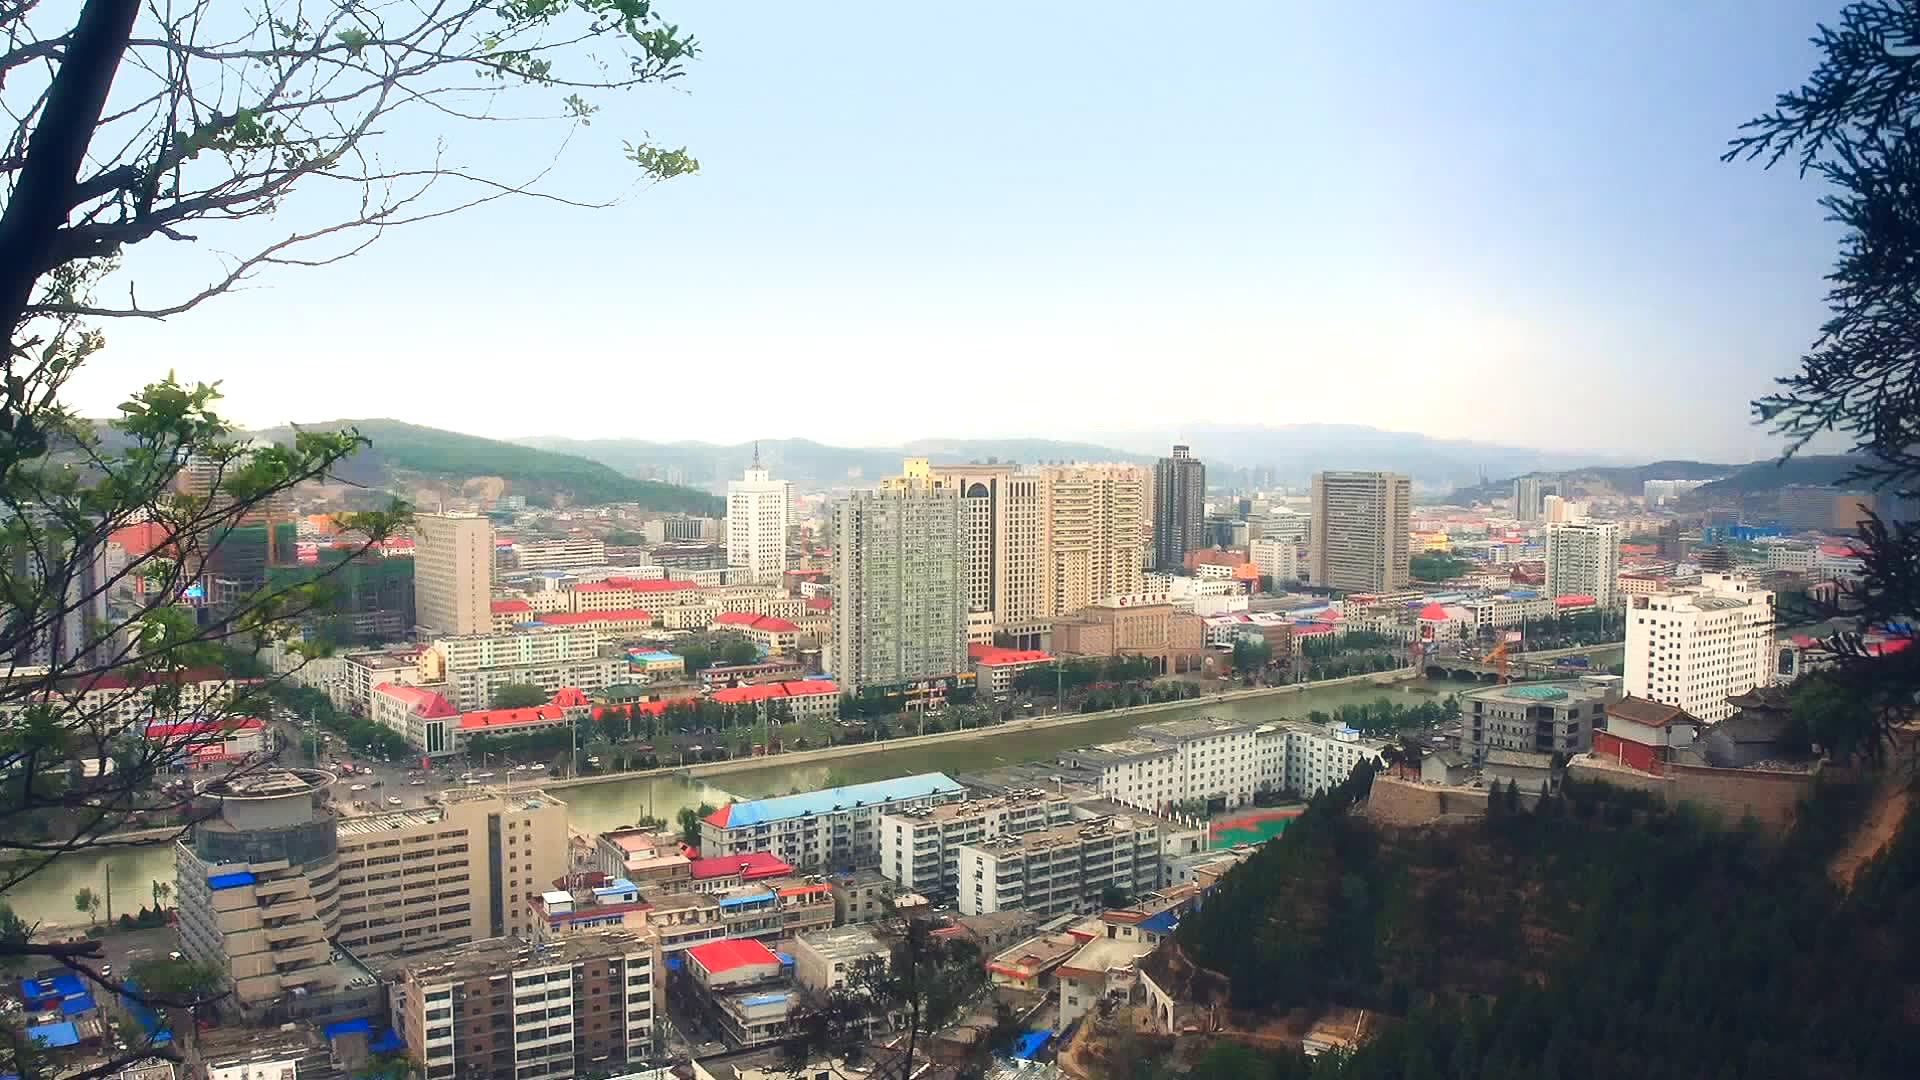 最近一位北京的企業家把北京的兩套房子賣了2900萬元,回到呂梁蓋一所幼兒園、蓋一所學校,發展民生方面的事業。